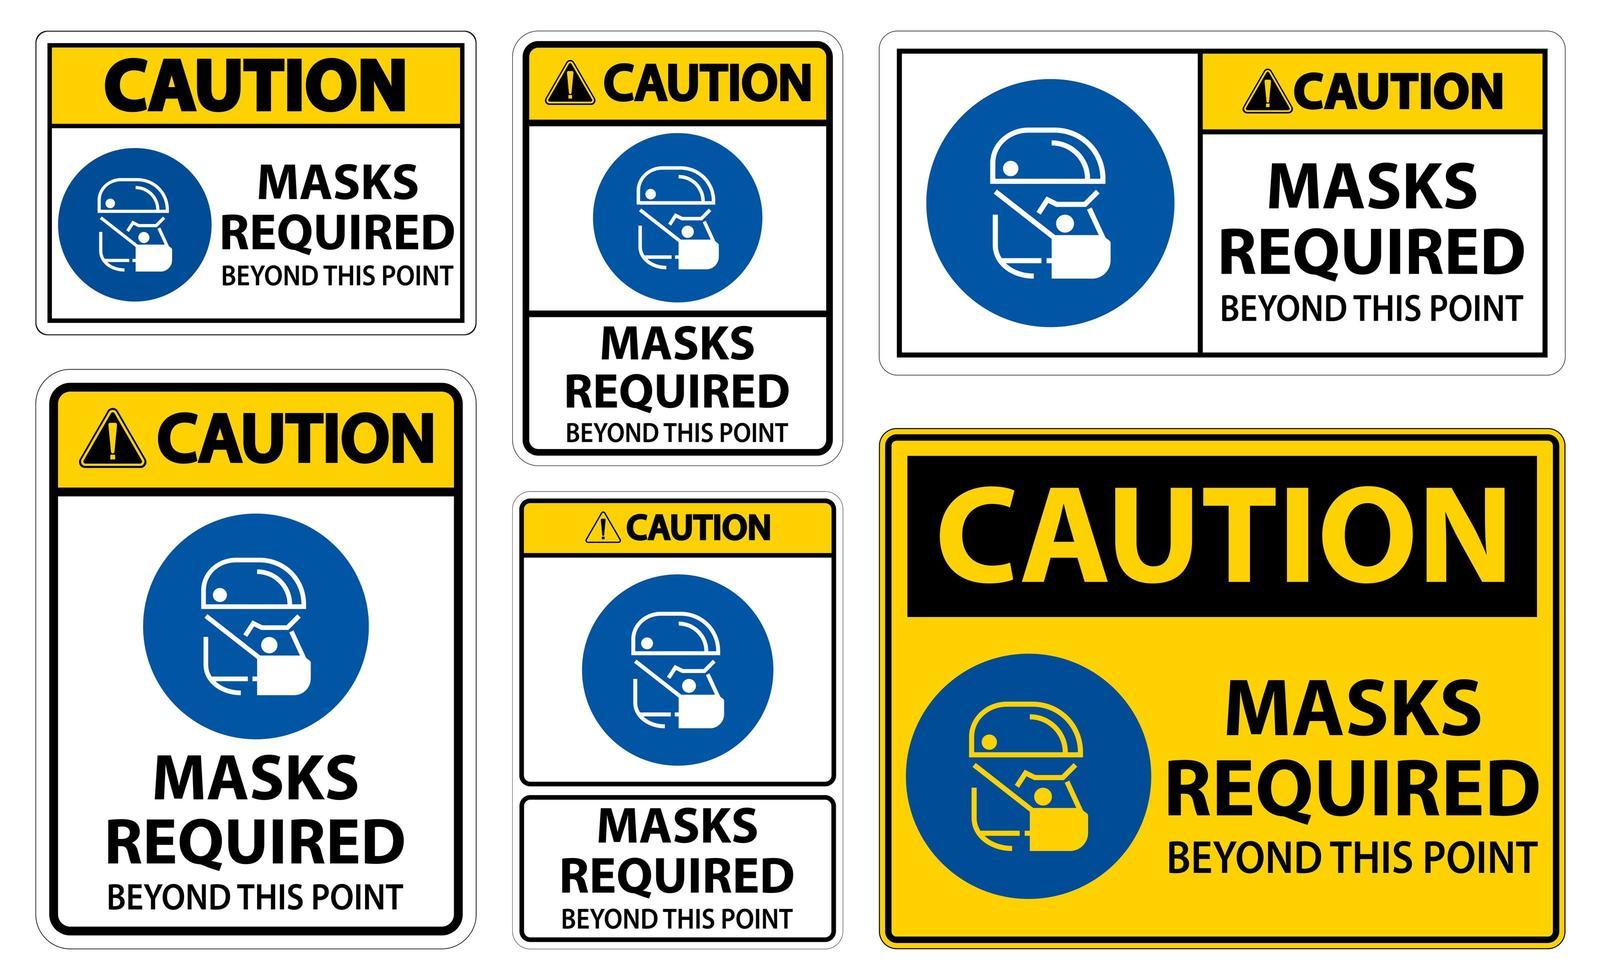 varningsmasker som krävs utöver denna punktteckenuppsättning vektor